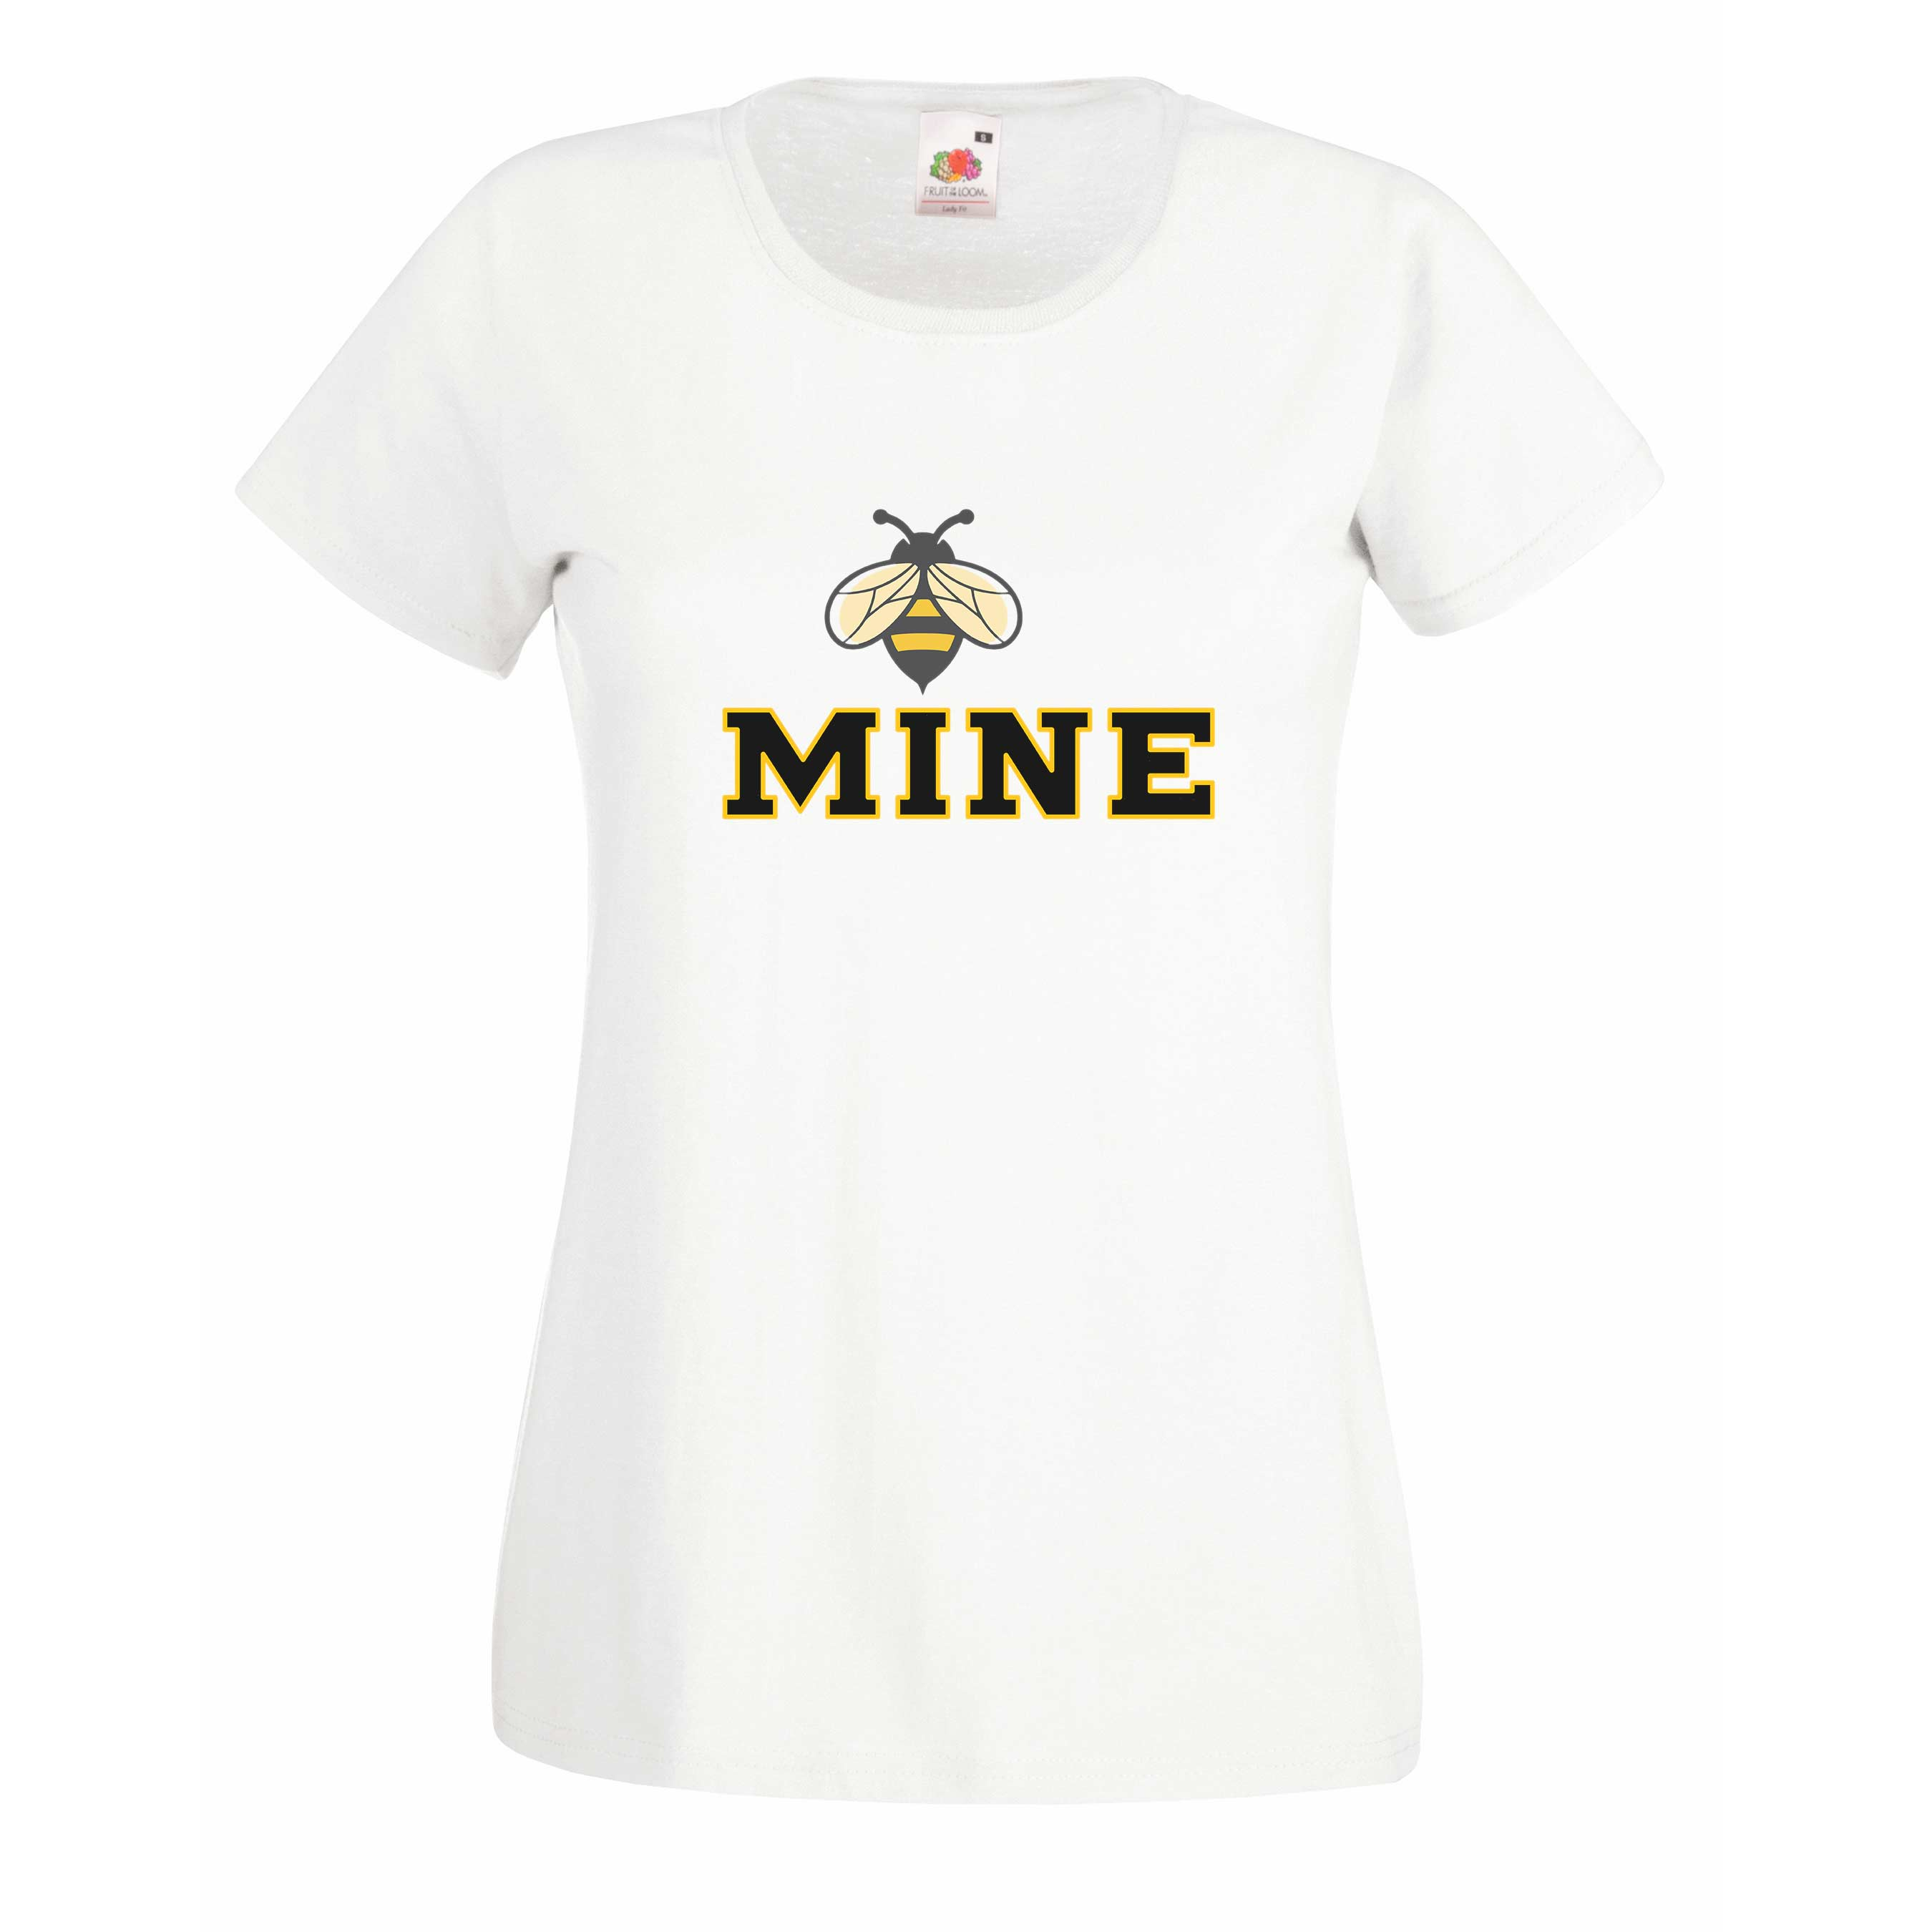 Bee Mine design for t-shirt, hoodie & sweatshirt